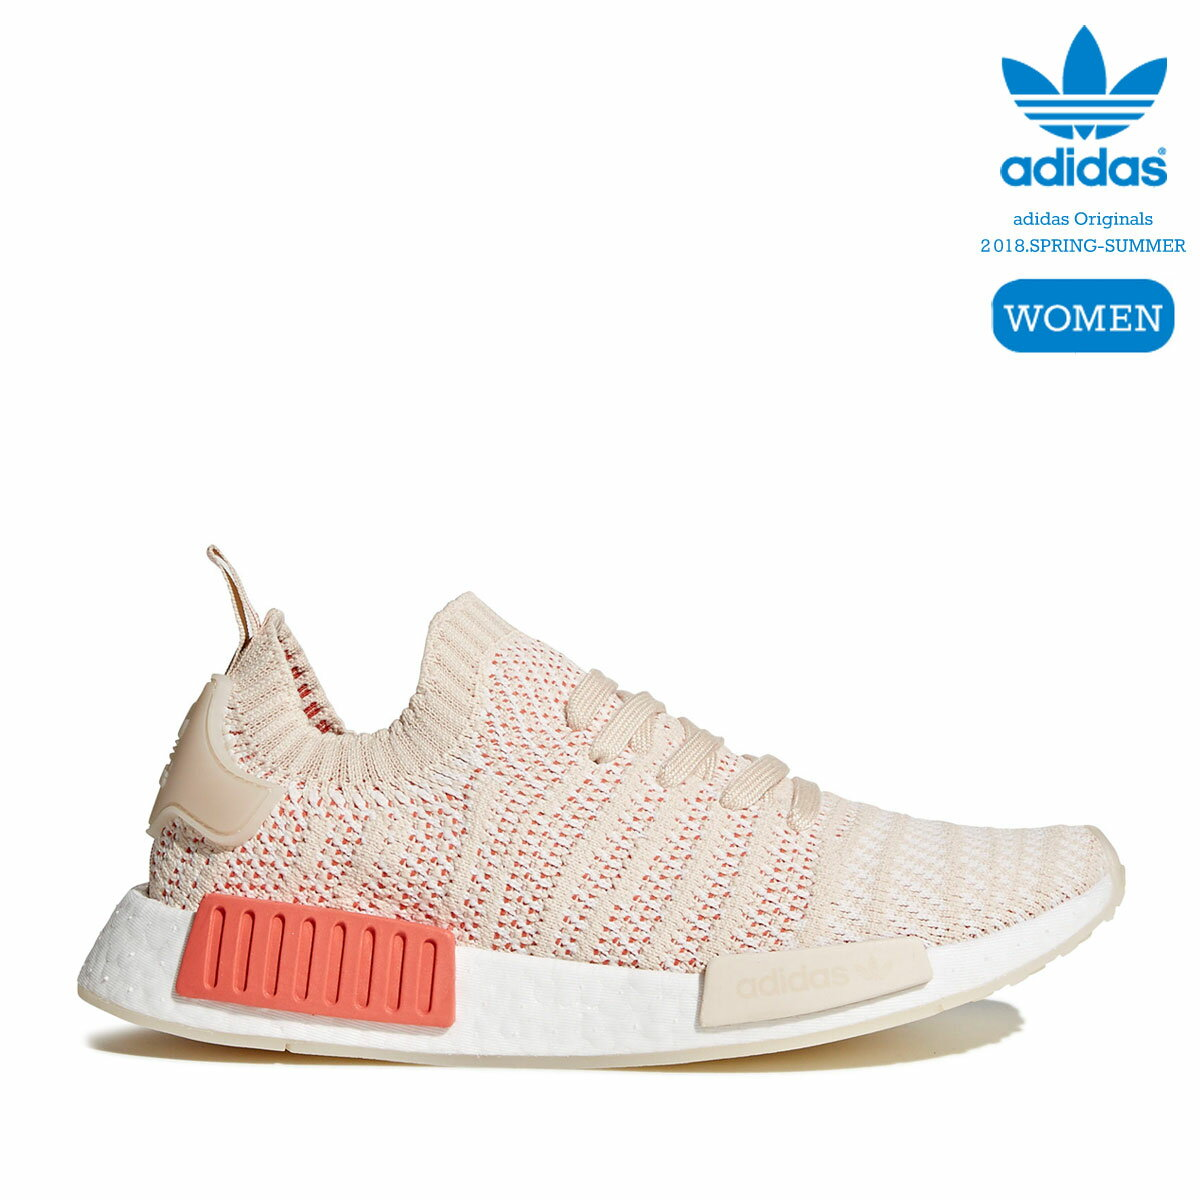 レディース靴, スニーカー adidas Originals NMDR1 STLT PK W (LinenCrystal WhiteRunning White) 18SS-I20sale0123